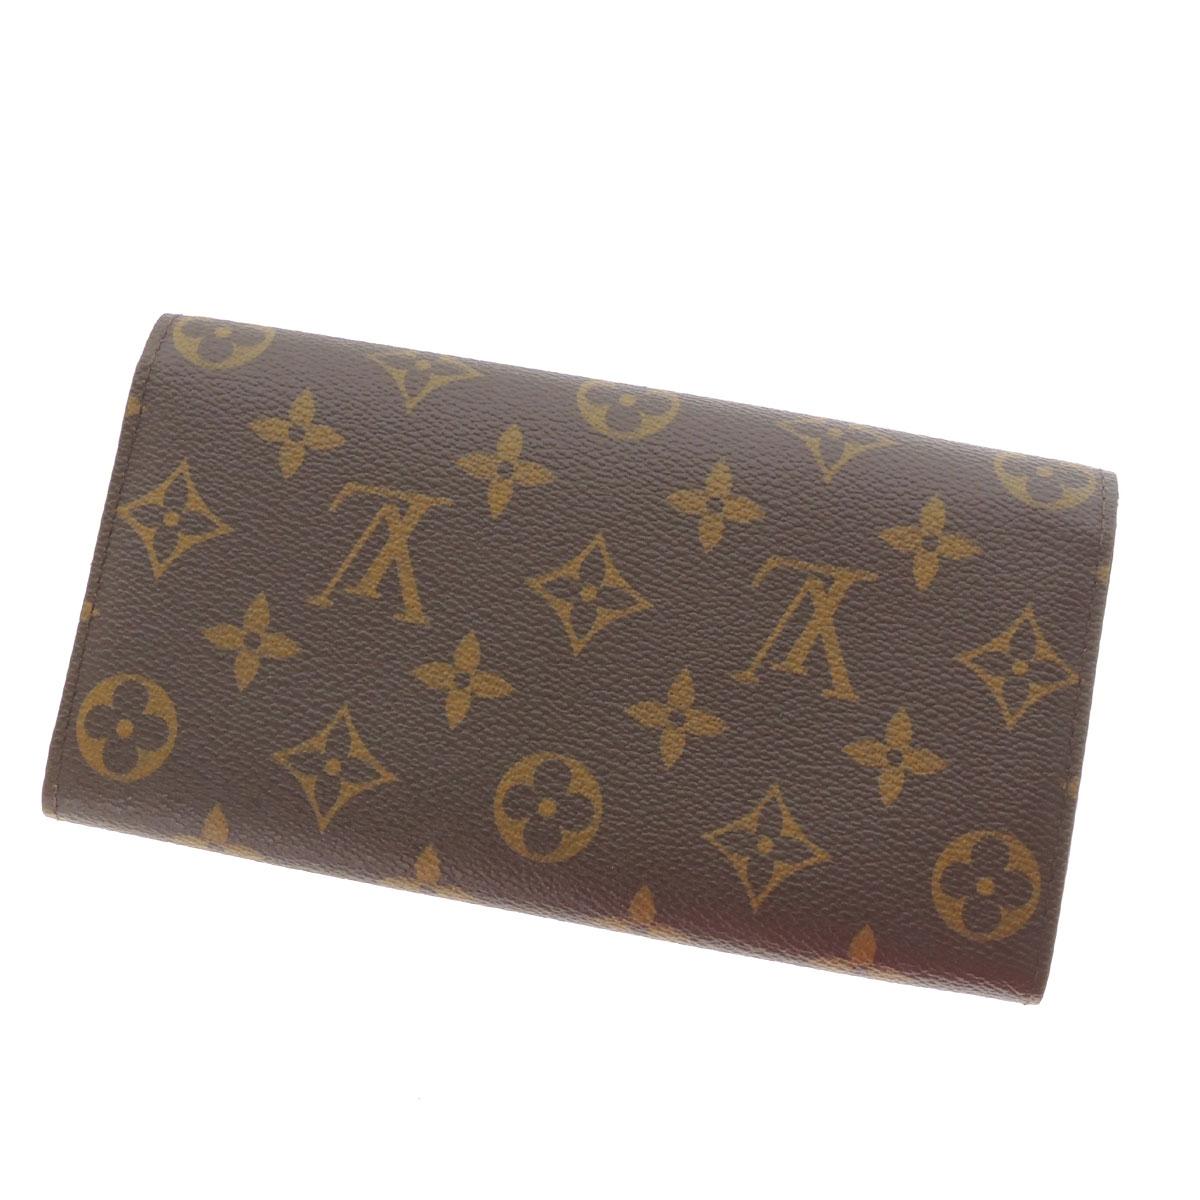 LOUIS VUITTON Porte foil & Sarah M60232 wallet (purse and) Monogram full women's fs04gm